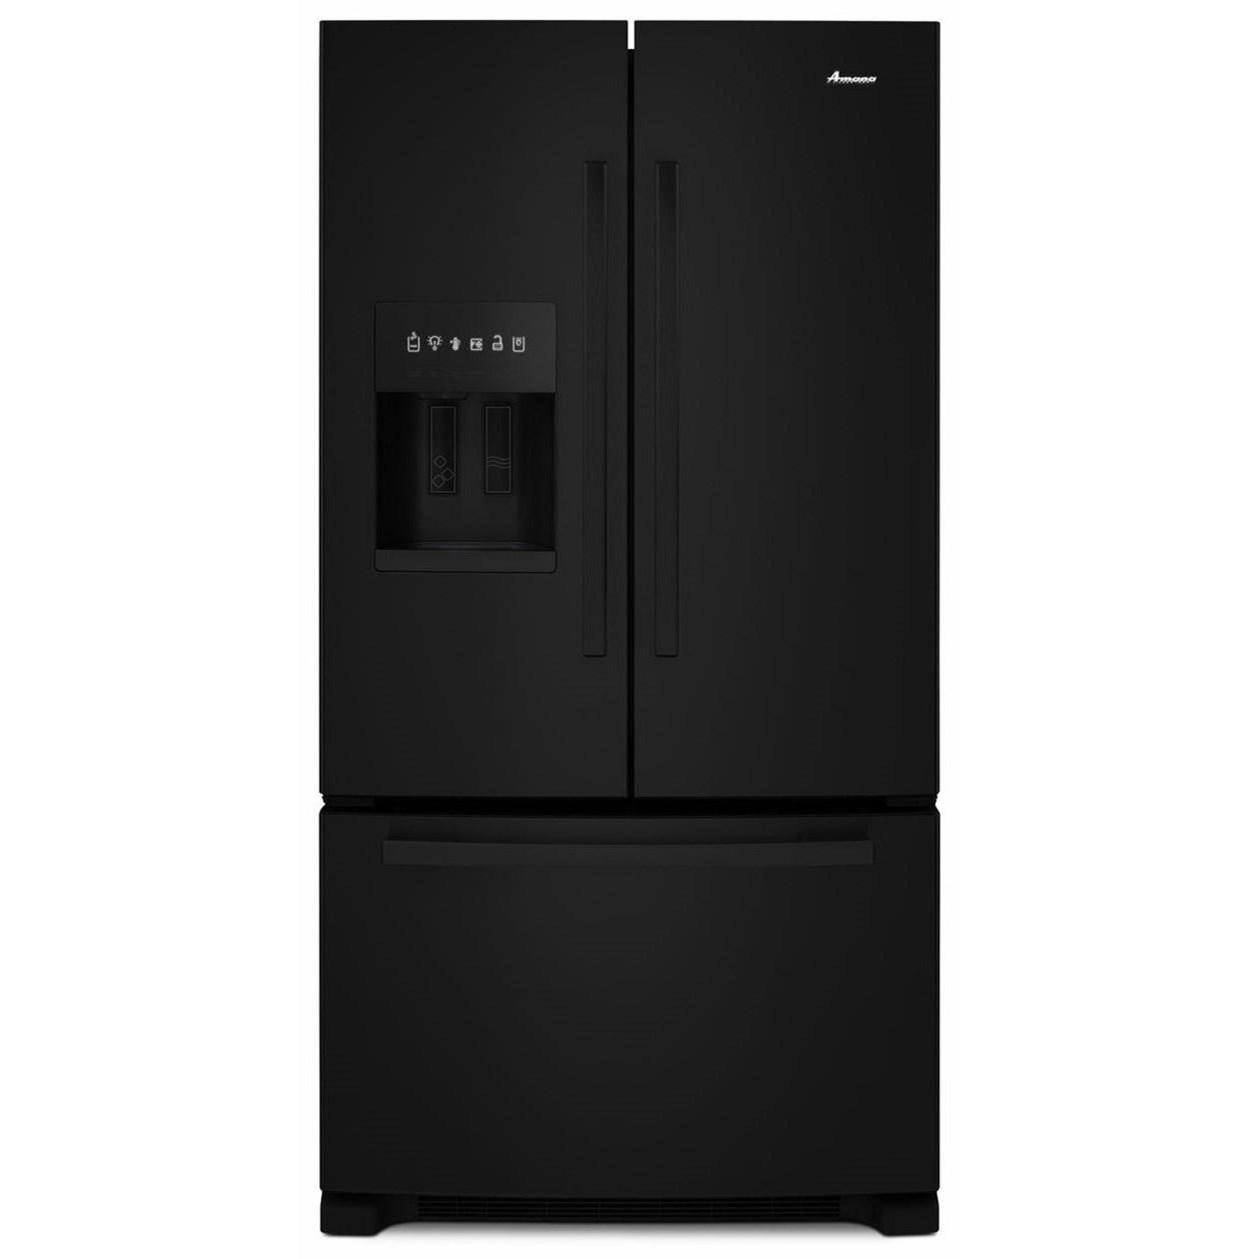 Amana French Door Refrigerators 36-inch Wide French Door Bottom- Freezer Ref - Item Number: AFI2539ERB